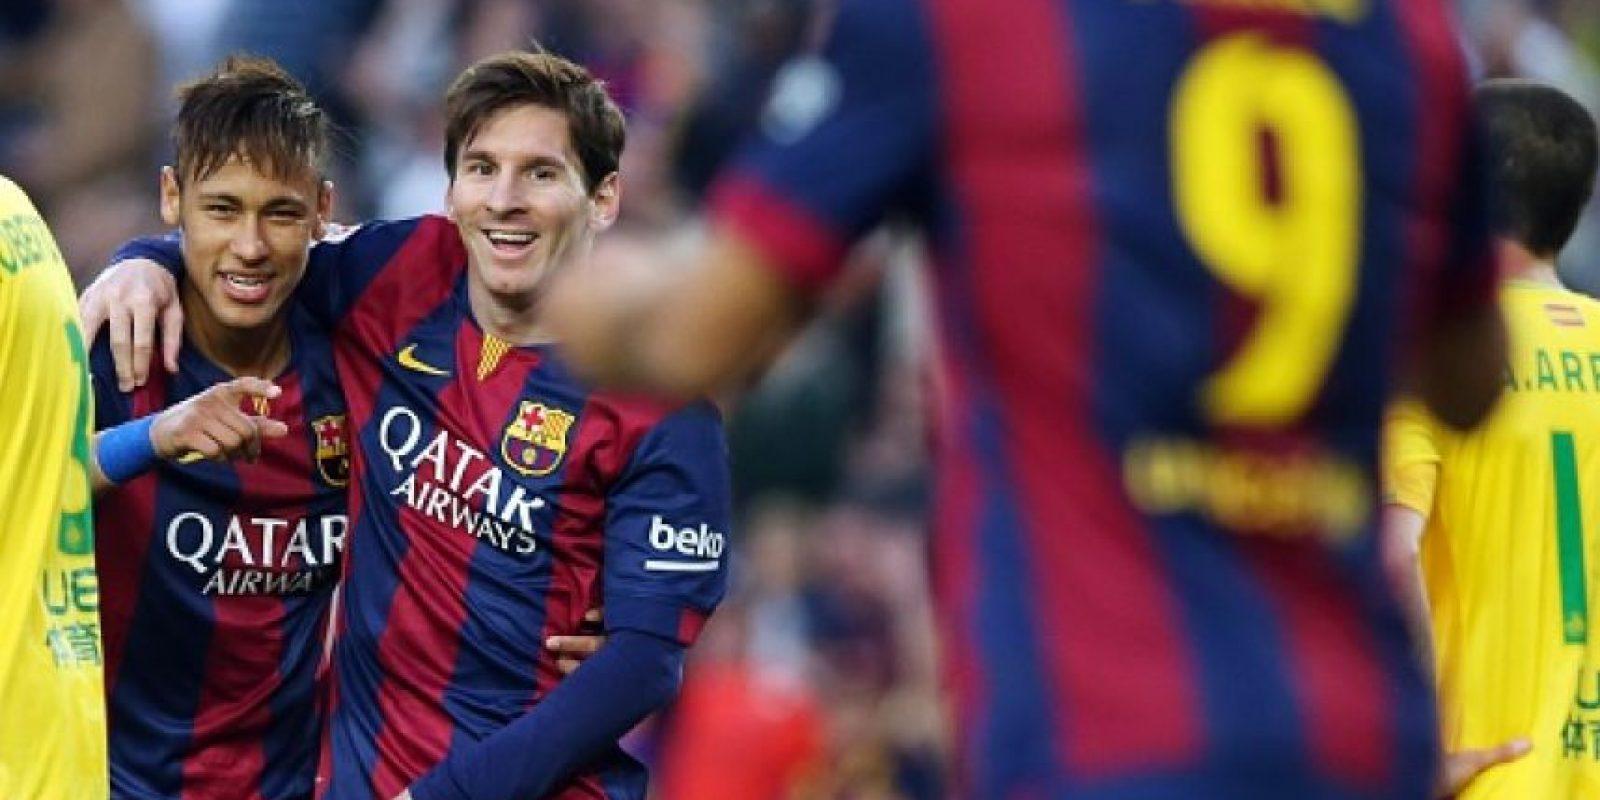 Juntos ya tienen 102 goles marcados en toda la temporada. Foto:Getty Images